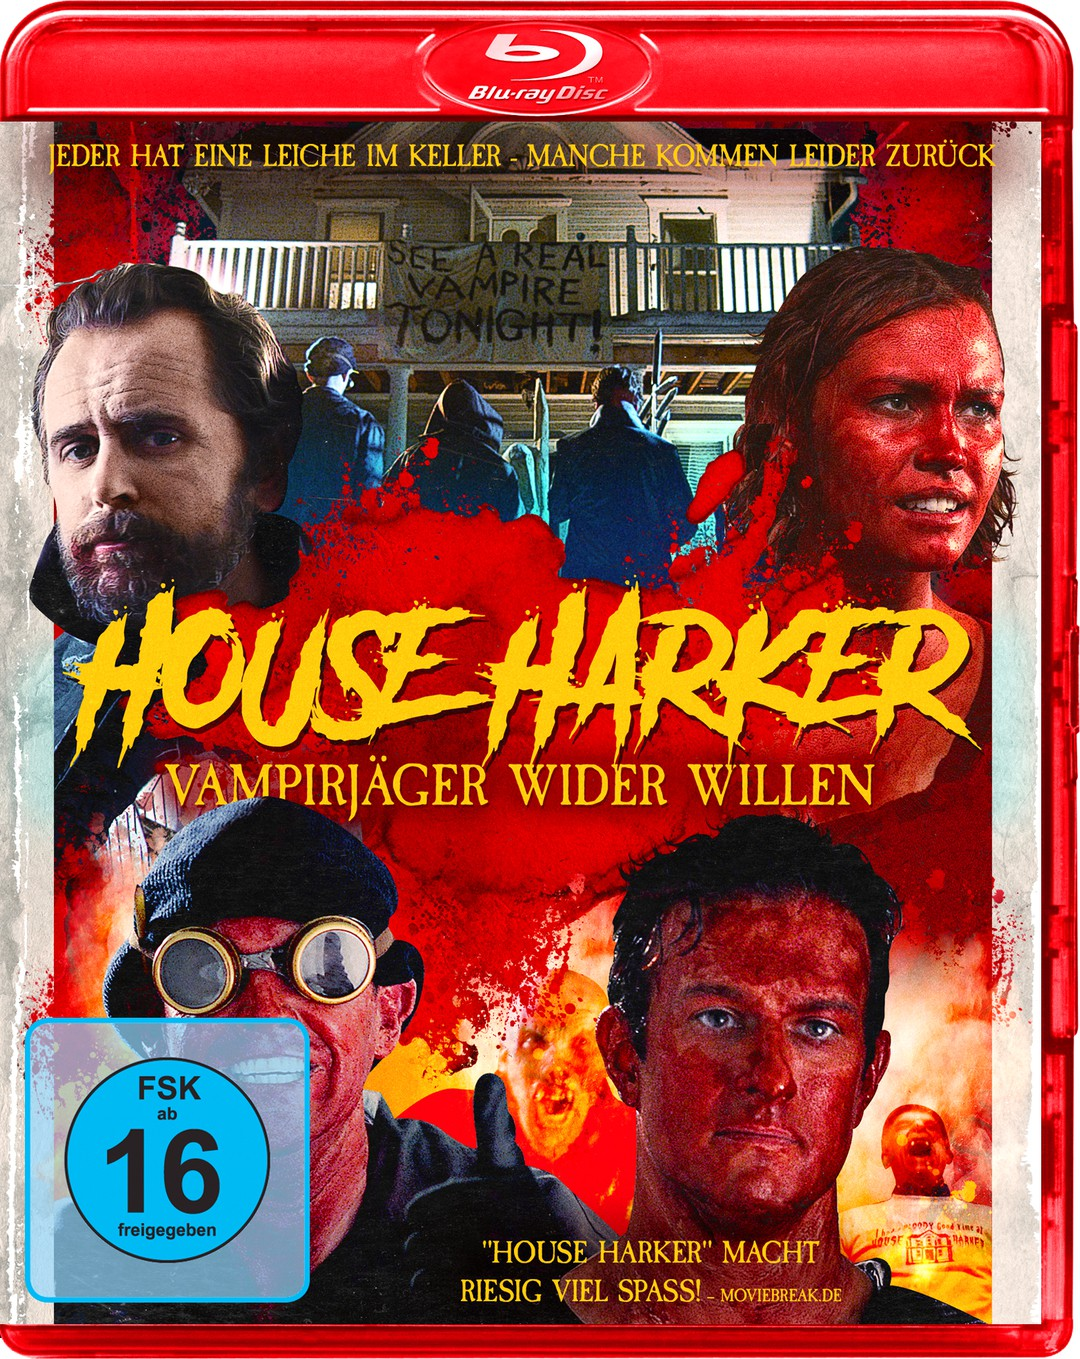 House Harker: Exklusiver Clip mit Vampirjägern - Bild 1 von 1